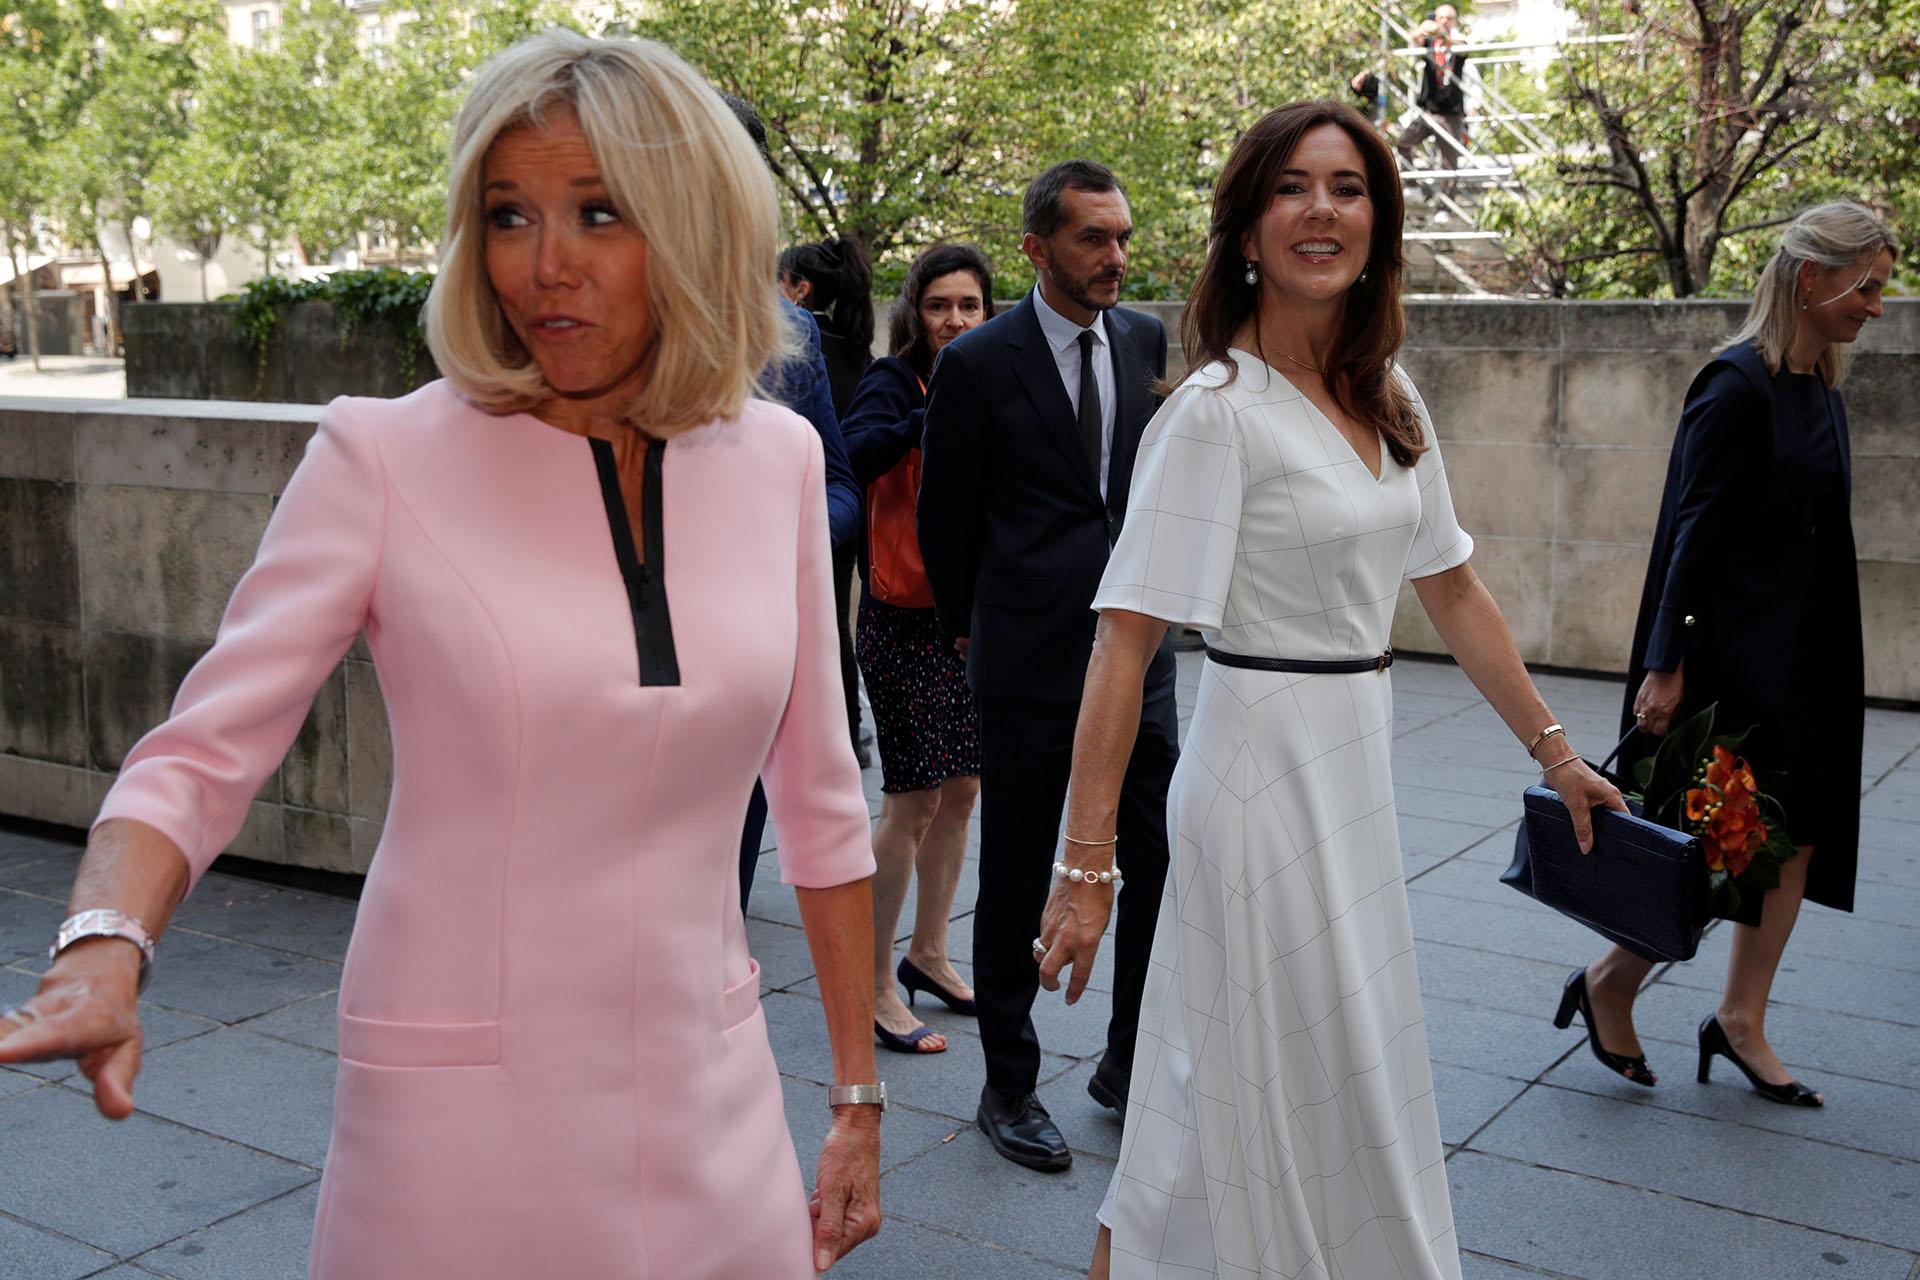 A los 66 años, Brigitte Macron se convirtió en un ícono de la moda mundial y marca tendencia con su estilo